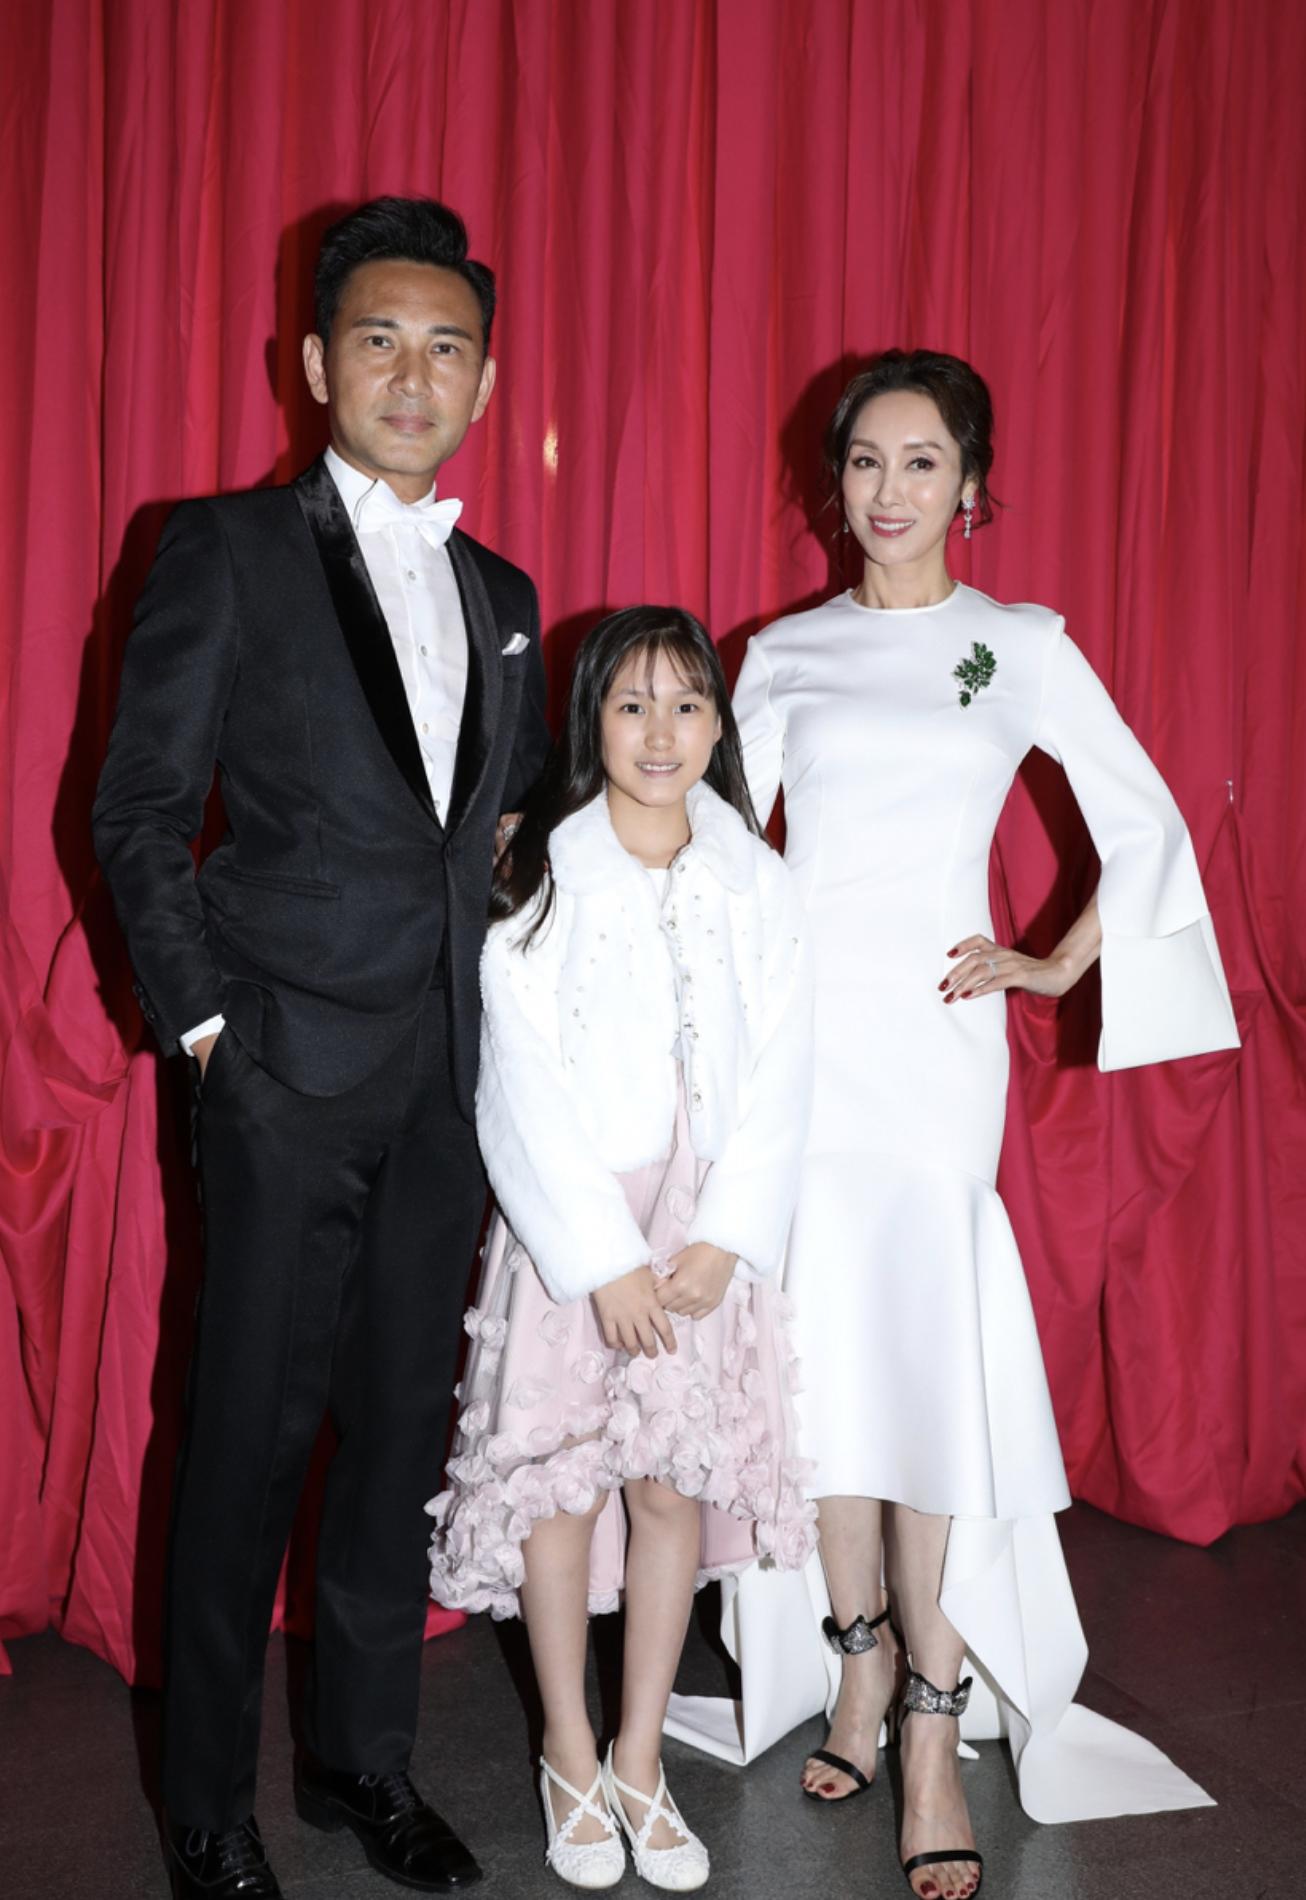 林文龍公開反對女兒入行,11歲林天若性格內向,尚不知母親是港姐